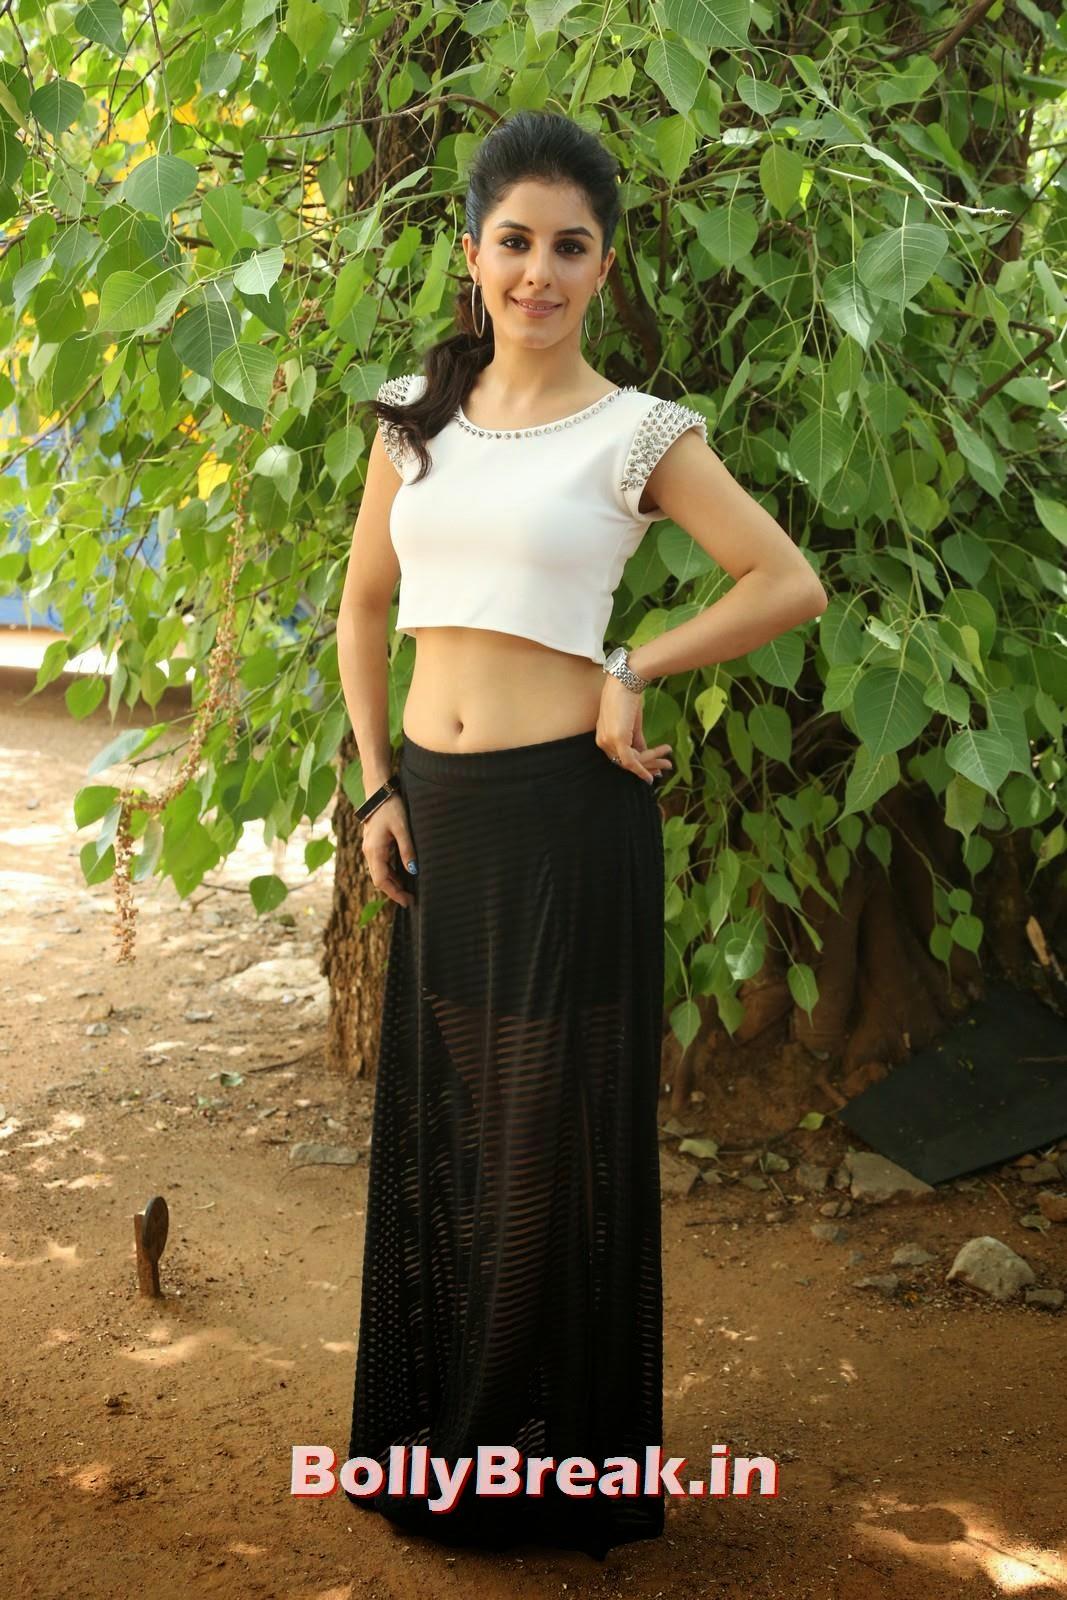 Isha Talwar (29), Isha Talwar Pics in Tank Top - Navel Pics - Bollybreak Glam Actress of the Day